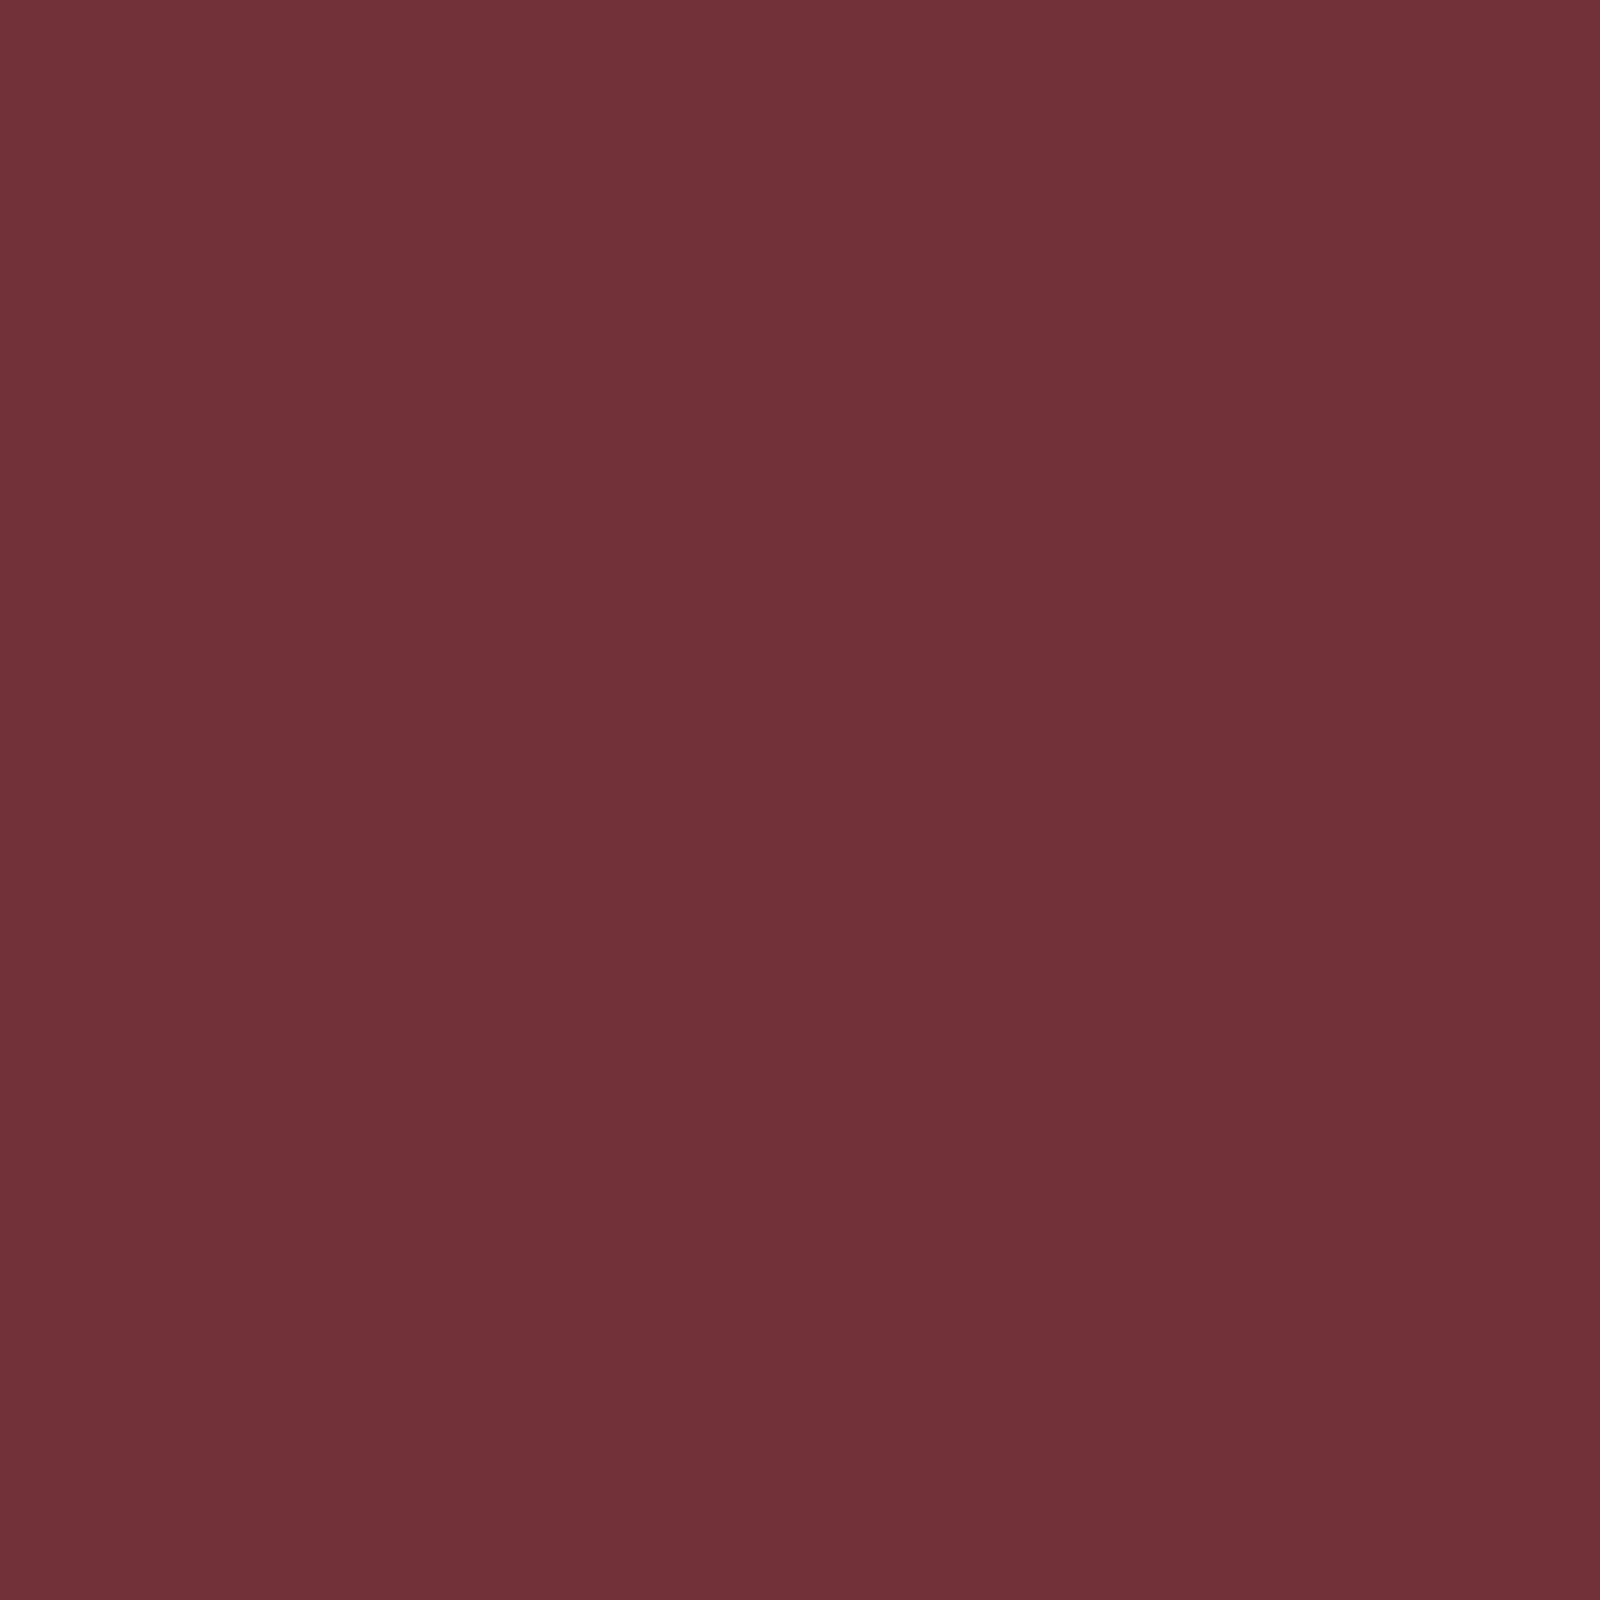 kobra rosu burgundy